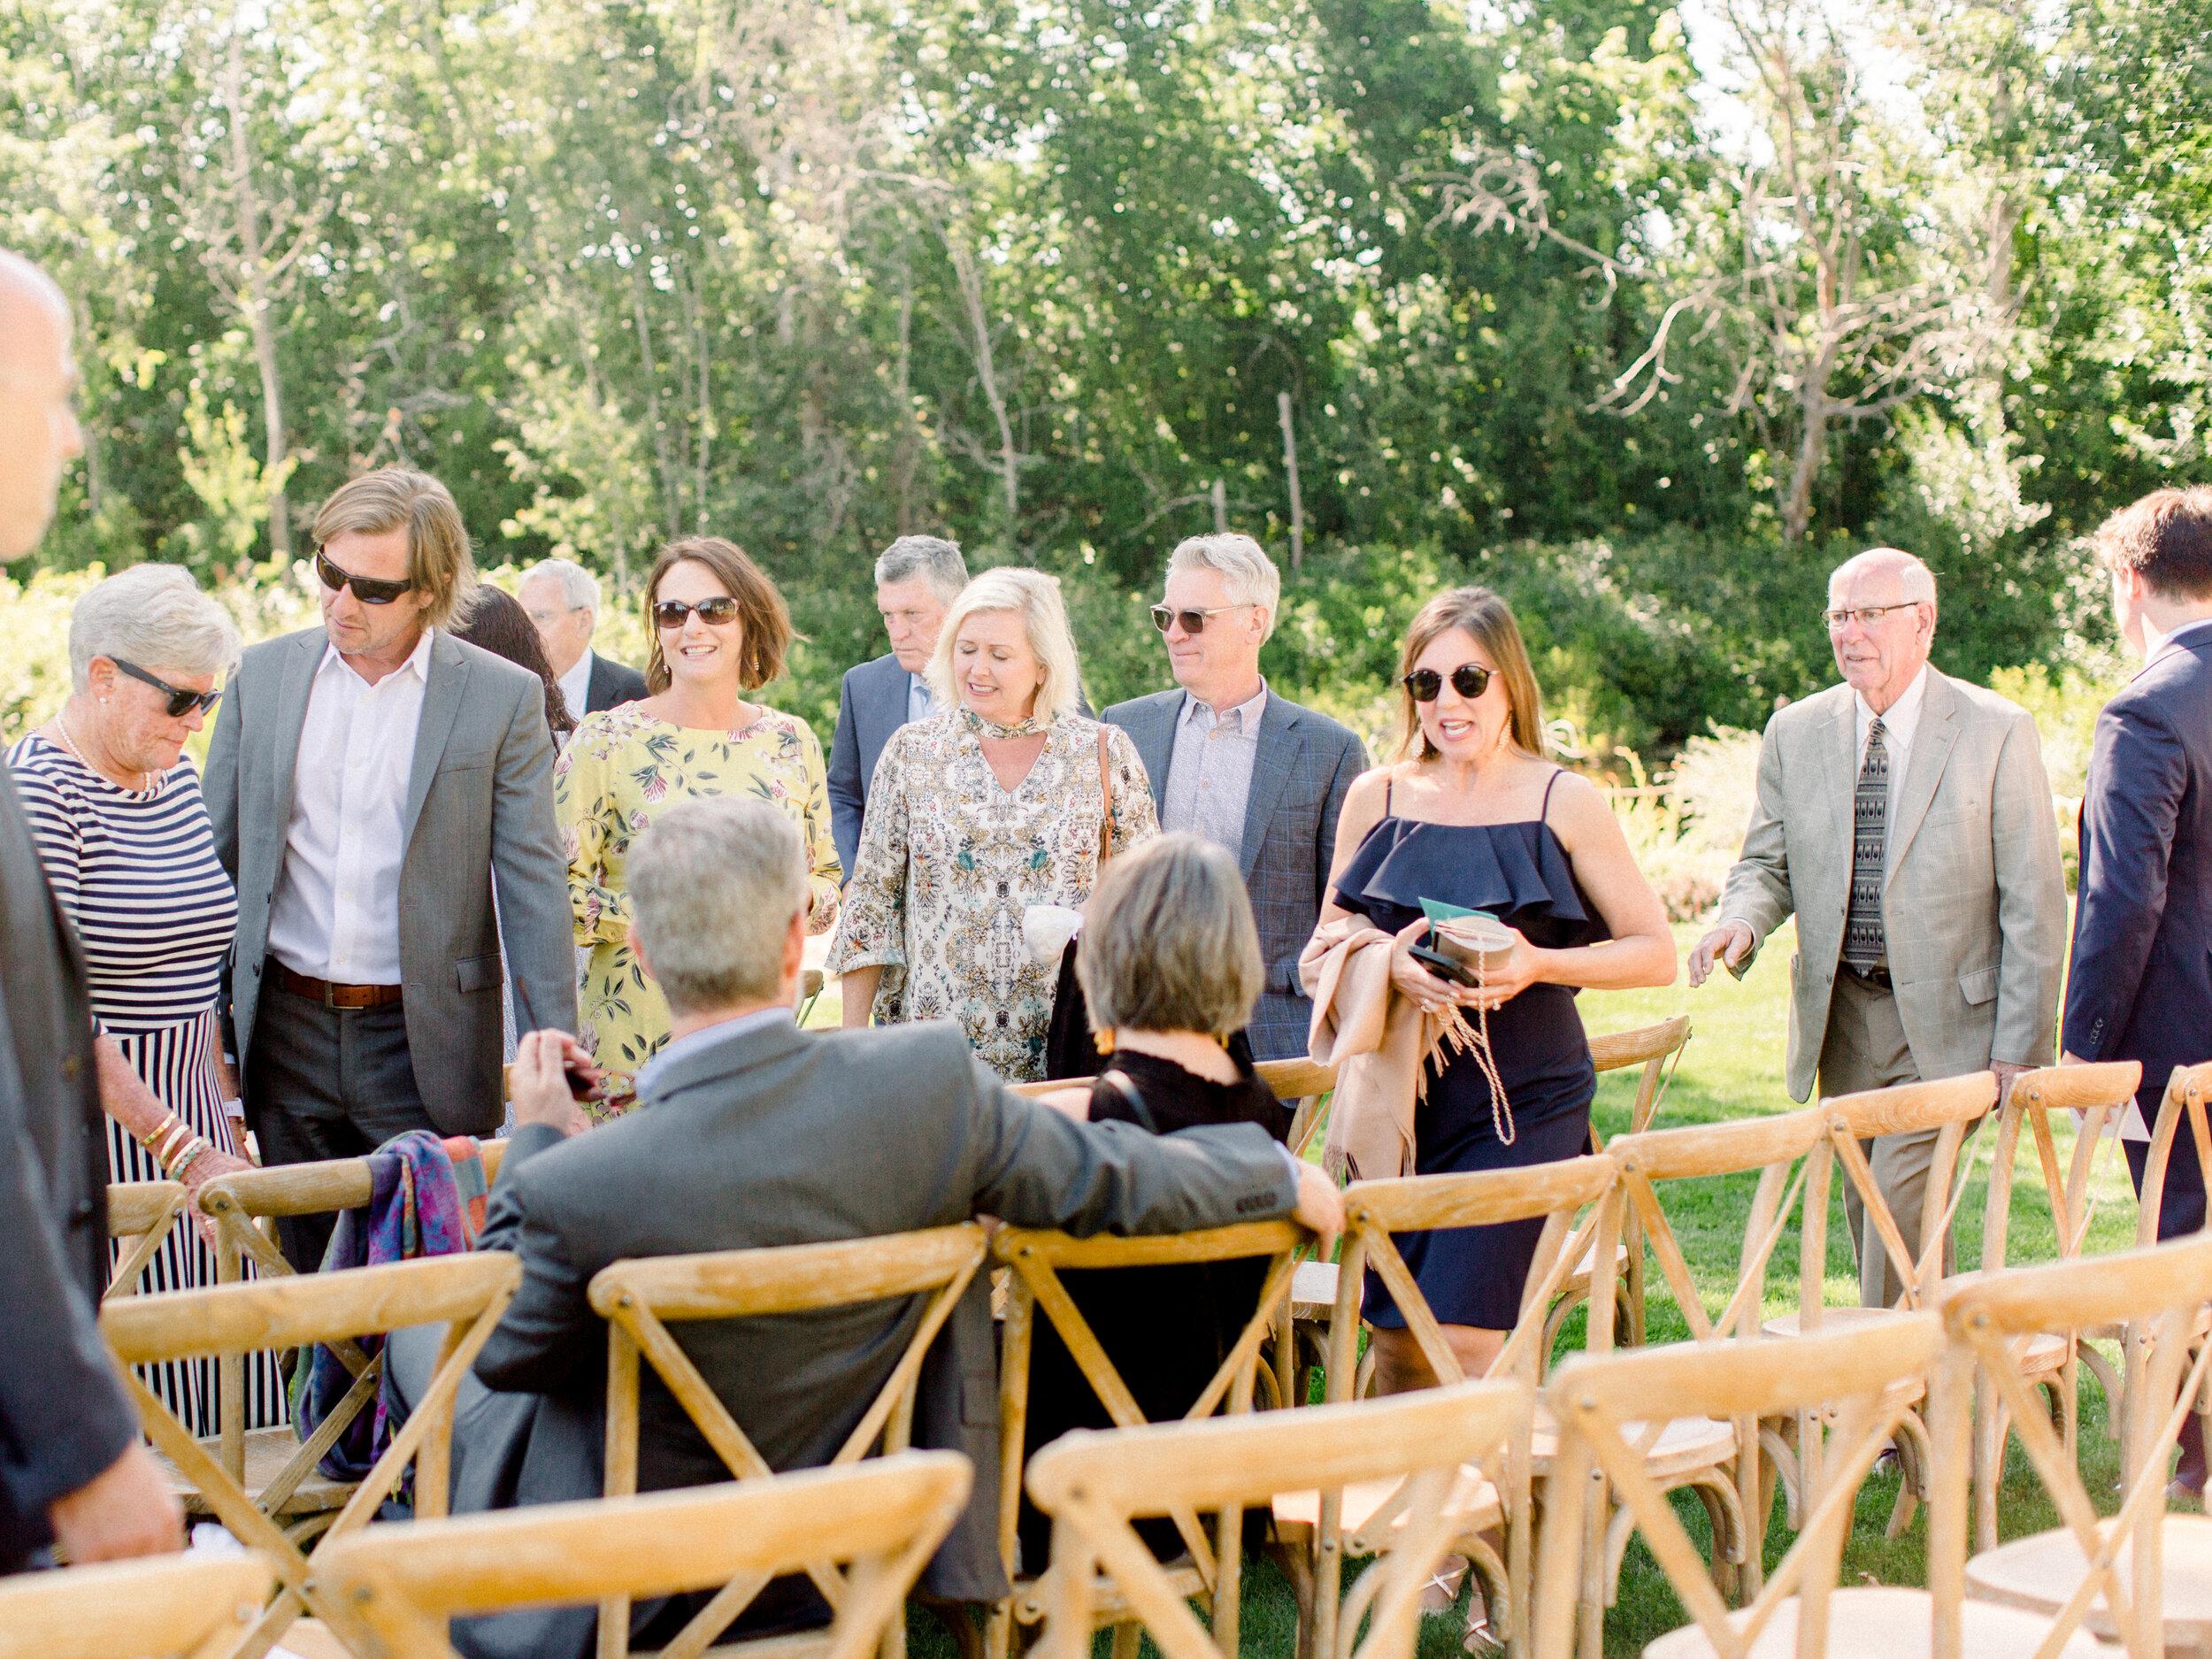 Steinlage+Wedding+Ceremony-37.jpg